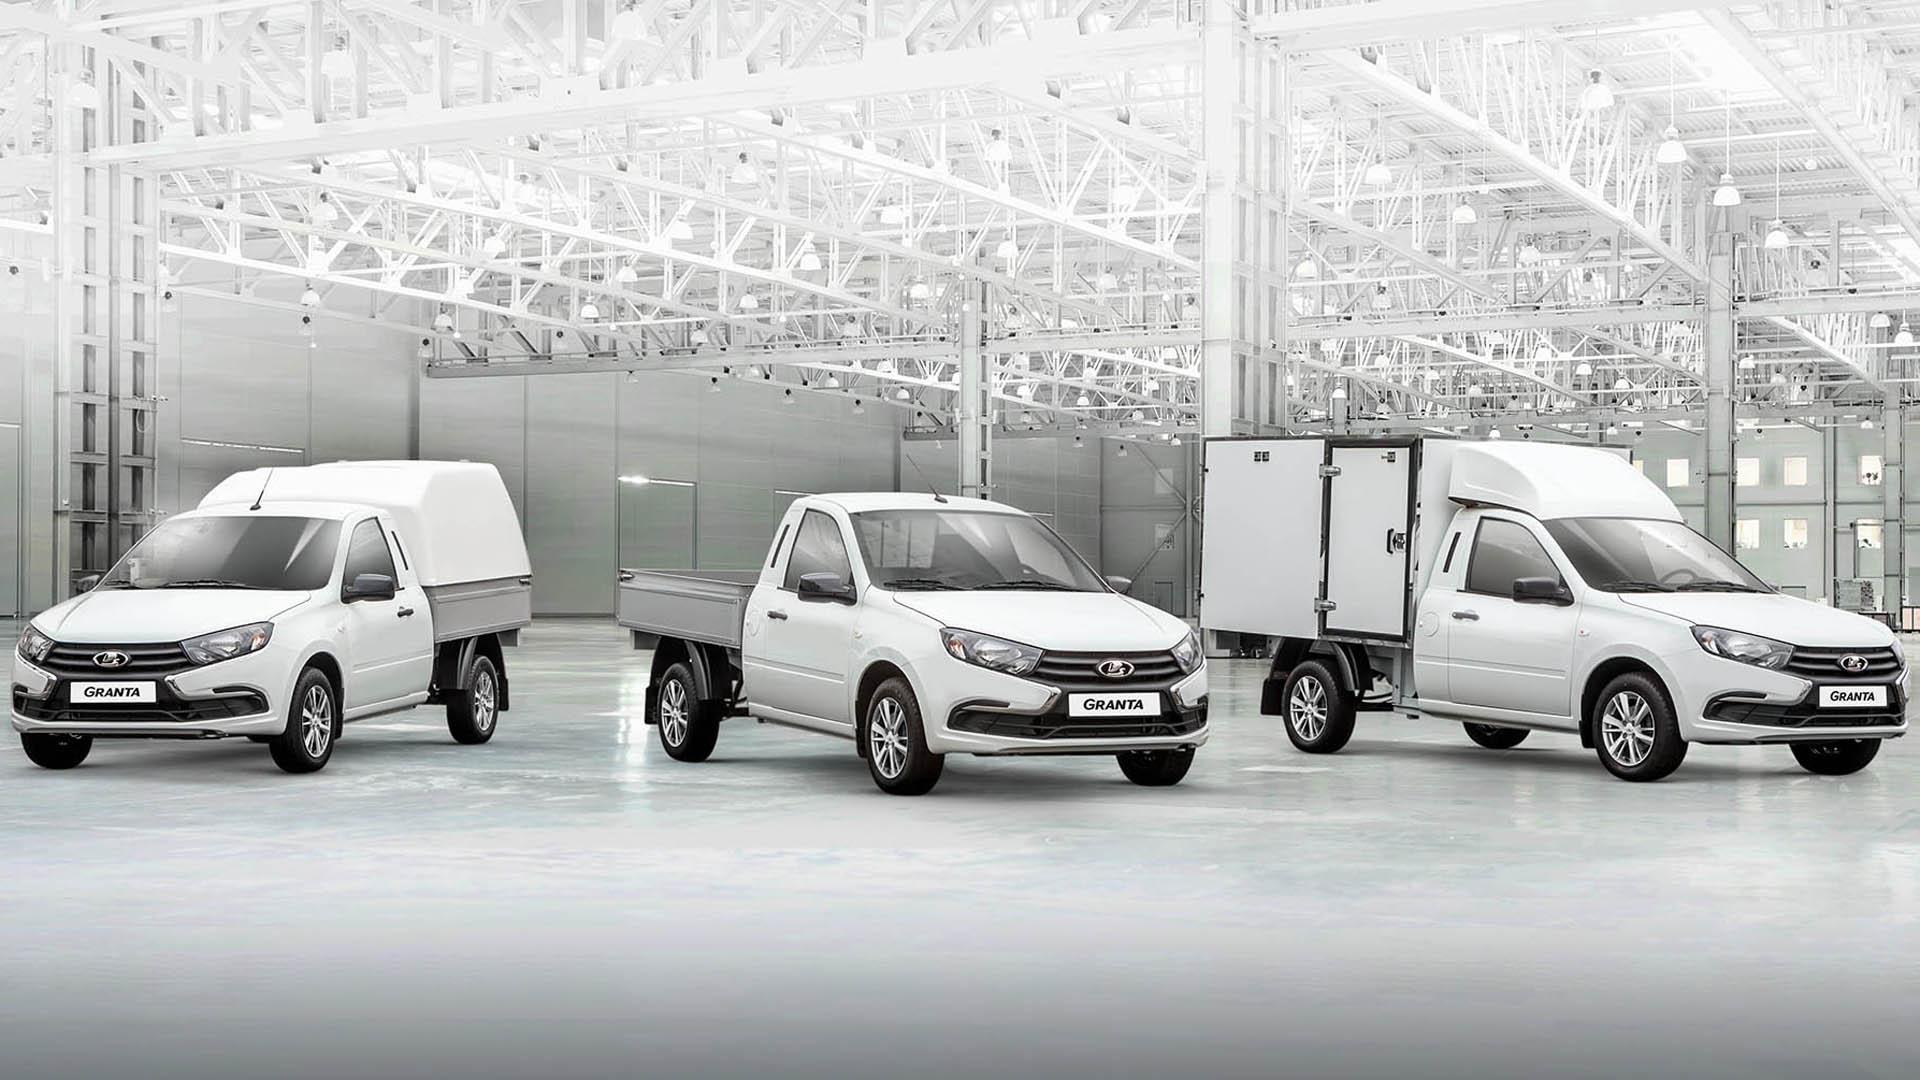 АвтоВАЗ представил коммерческую гамму моделей, на базе обновлённой Лады Гранты